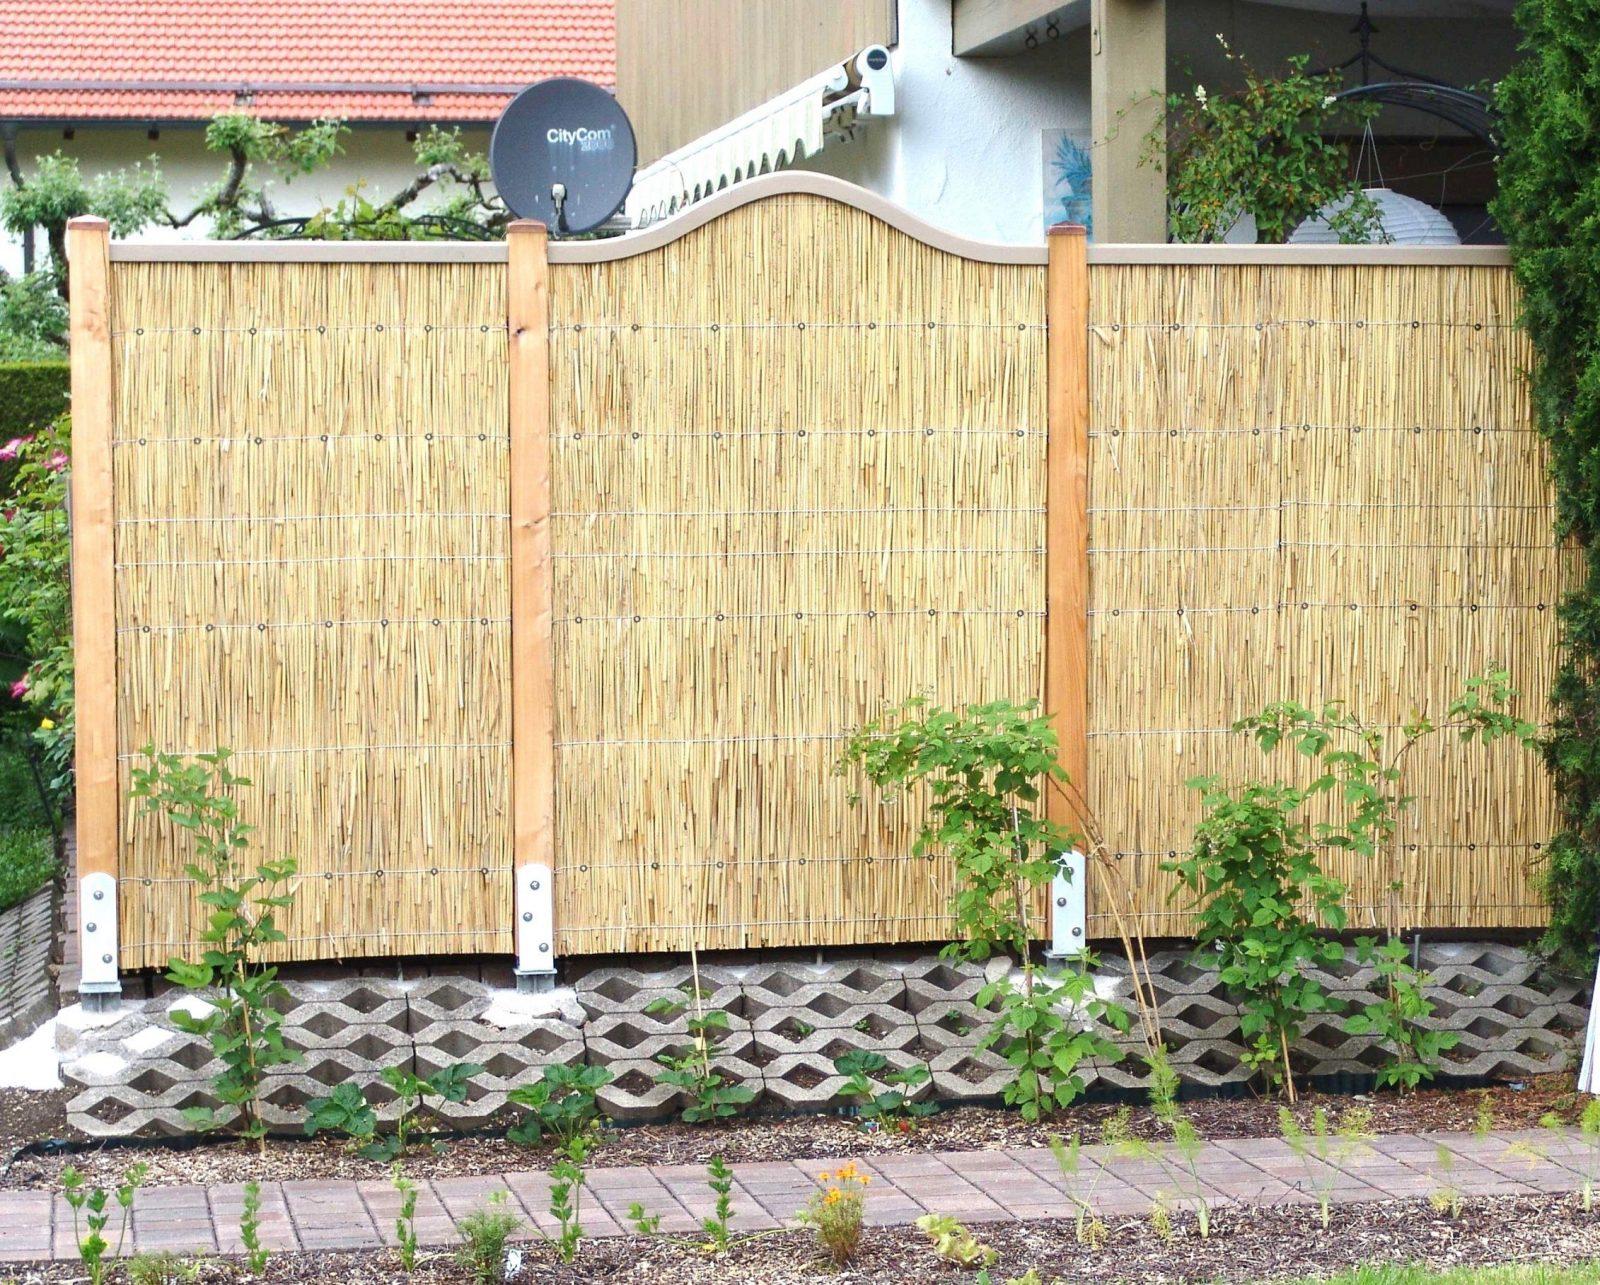 Sichtschutz Weide Selber Bauen Siddhimind Von Sichtschutz Weide